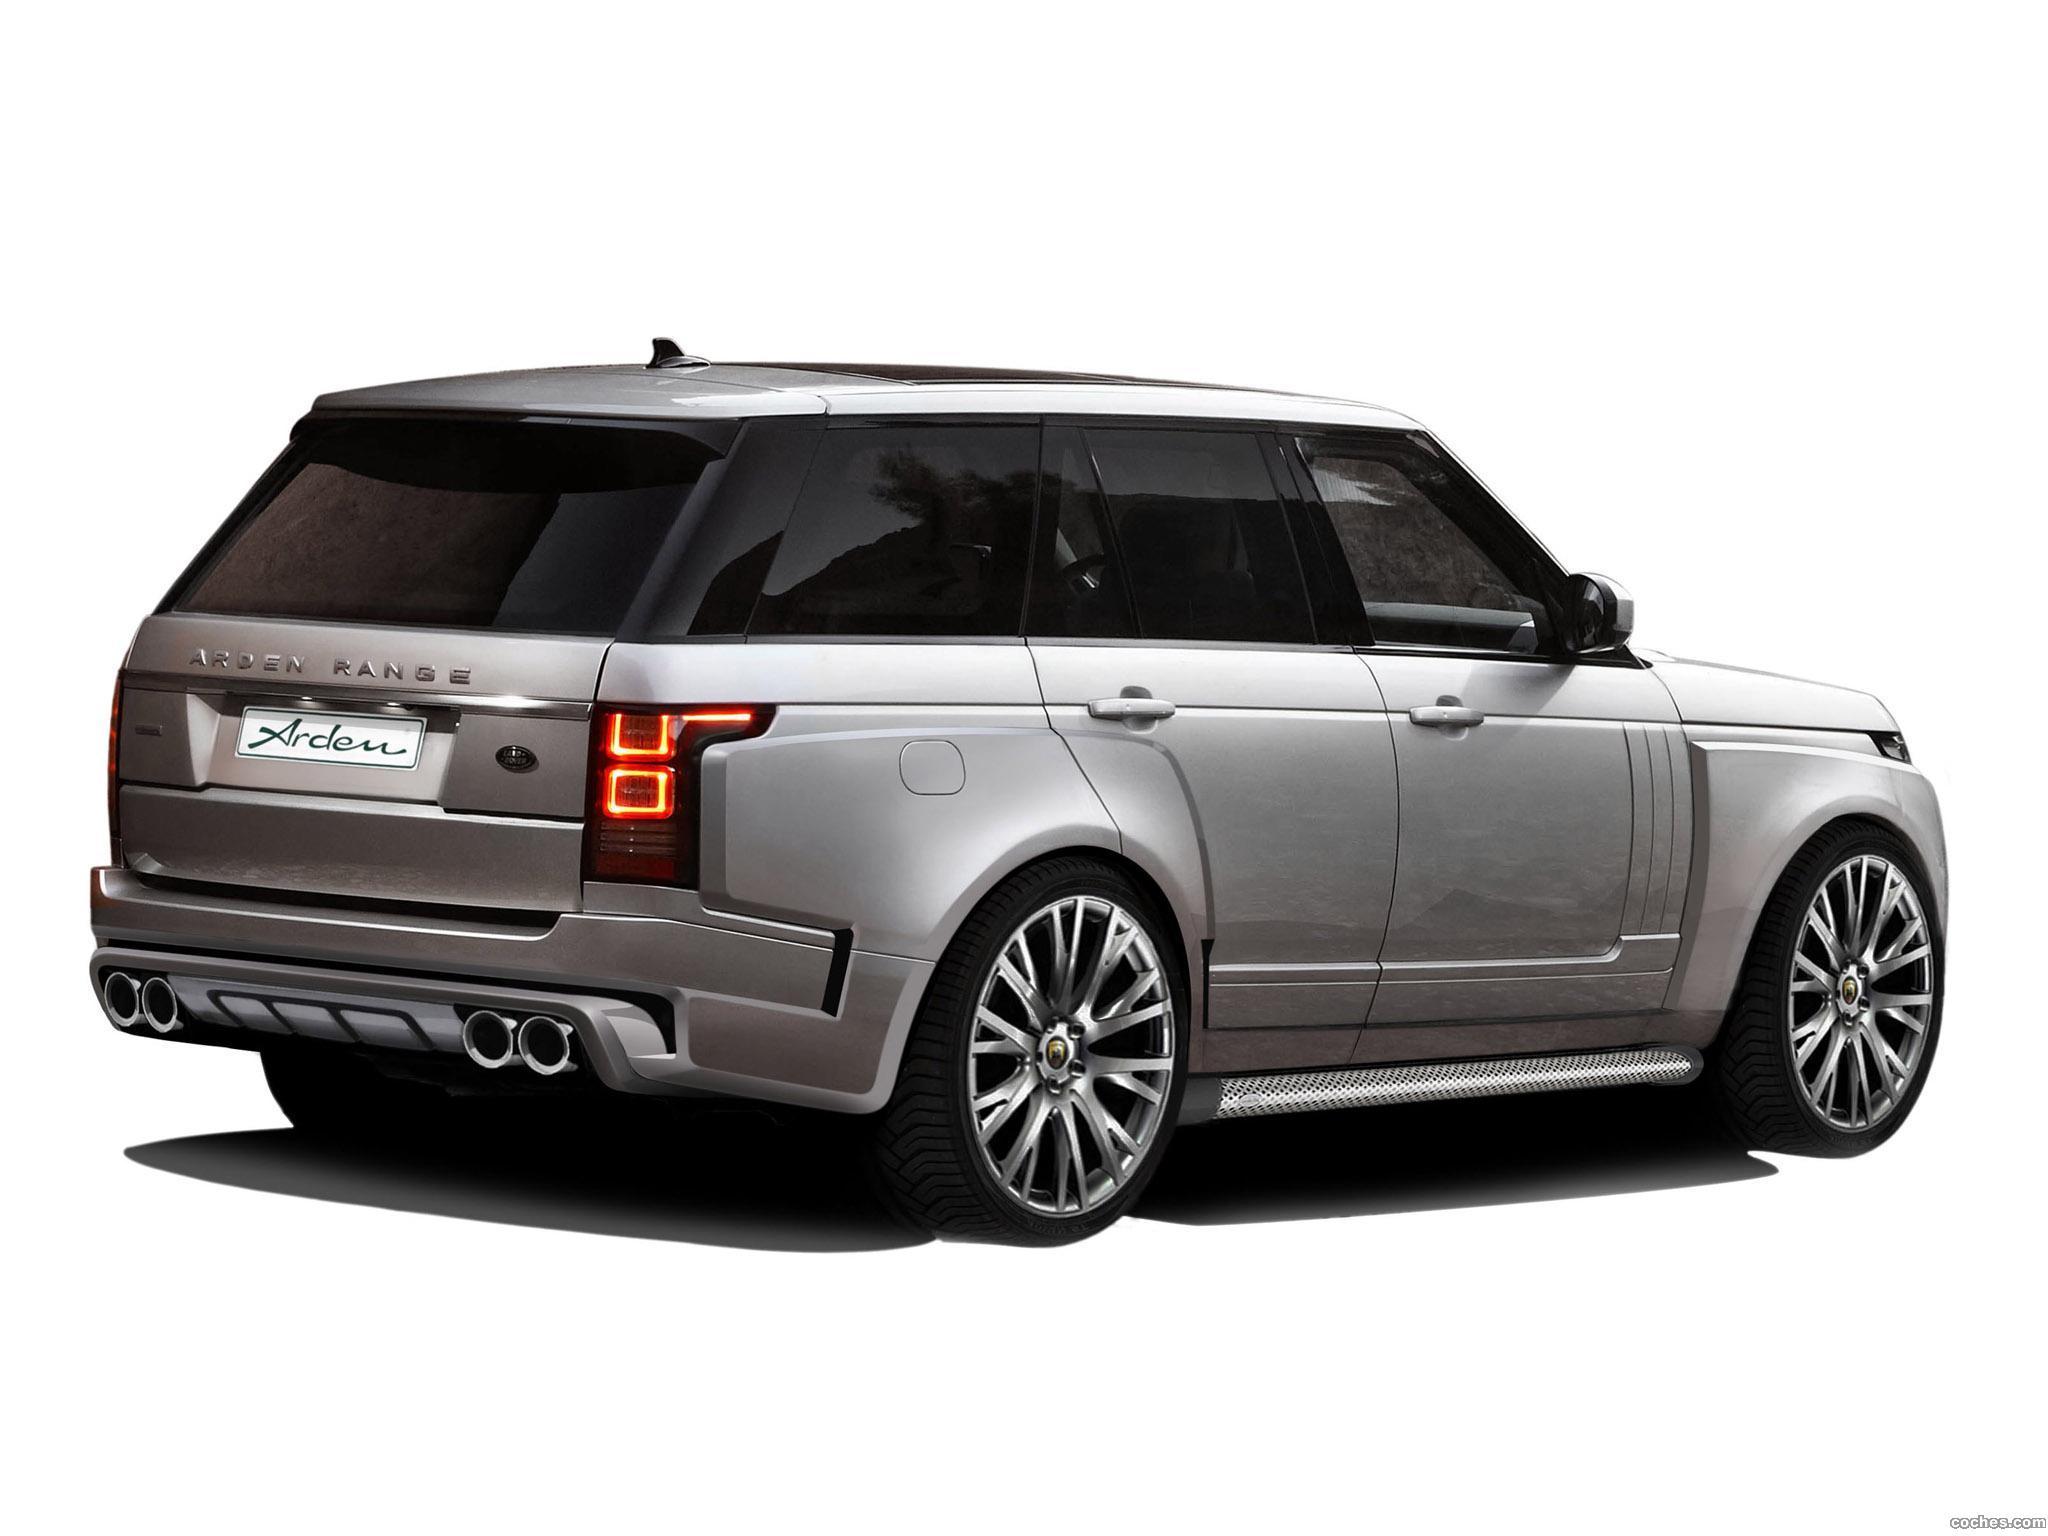 Foto 1 de Arden Land Rover Range Rover AR 9 2013